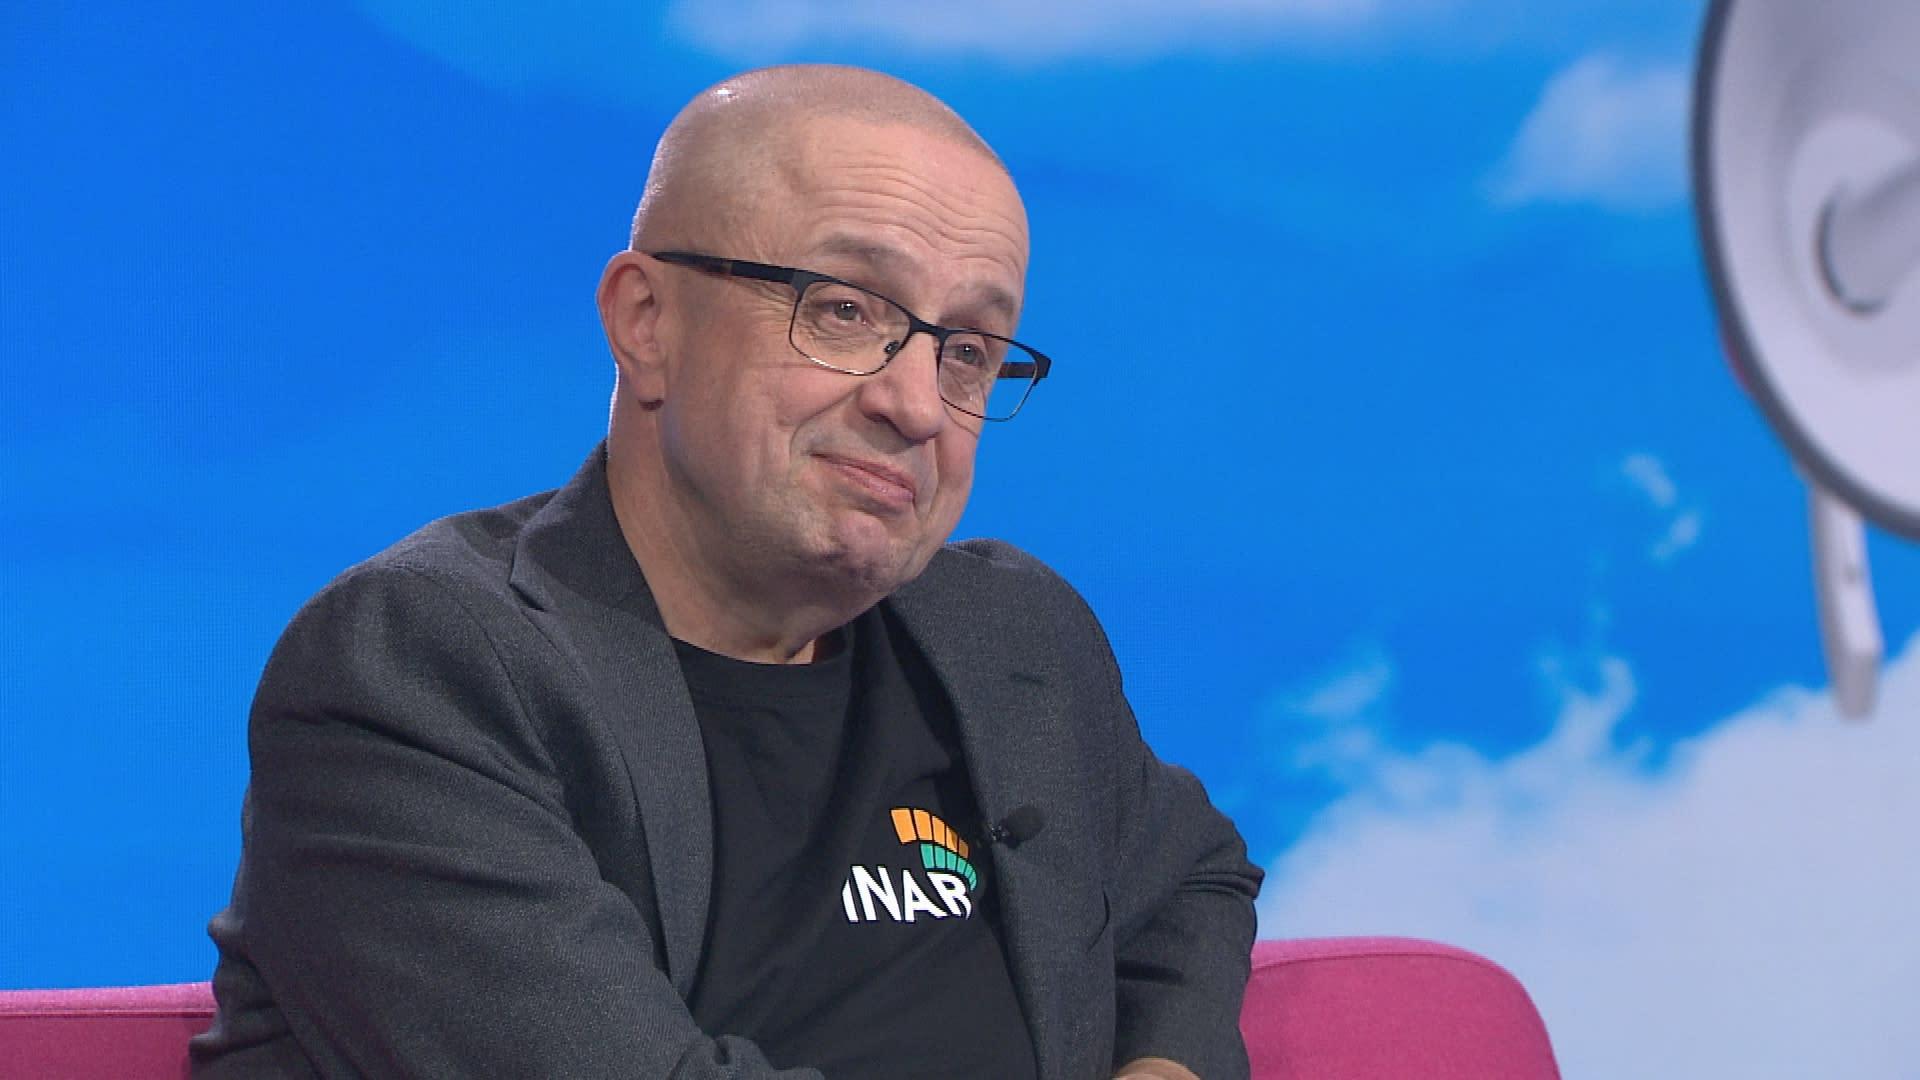 """Ilmakehätutkija Markku Kulmalan viesti ilmastonmuutoksen vastaisesta taistelusta: """"Olen sanonut aina, että olen optimistinen, sanomani on pessimistinen"""""""